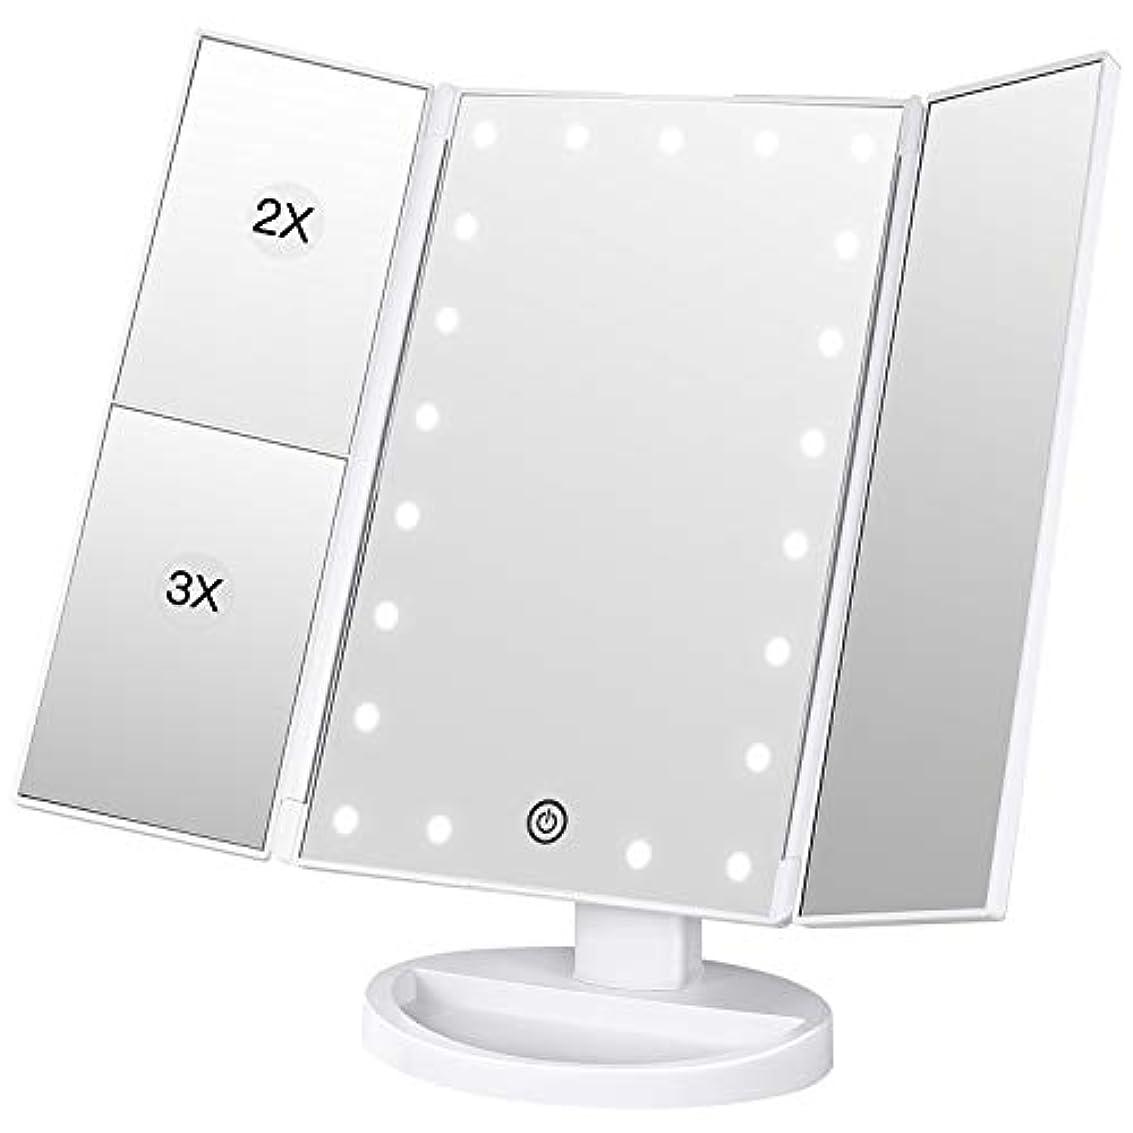 明快入植者たとえBESTOPE 化粧鏡 化粧ミラー 鏡 三面鏡 女優ミラー 卓上 led付き 折りたたみ 拡大鏡 2&3倍 明るさ調節可能 180°回転 電池&USB 2WAY給電